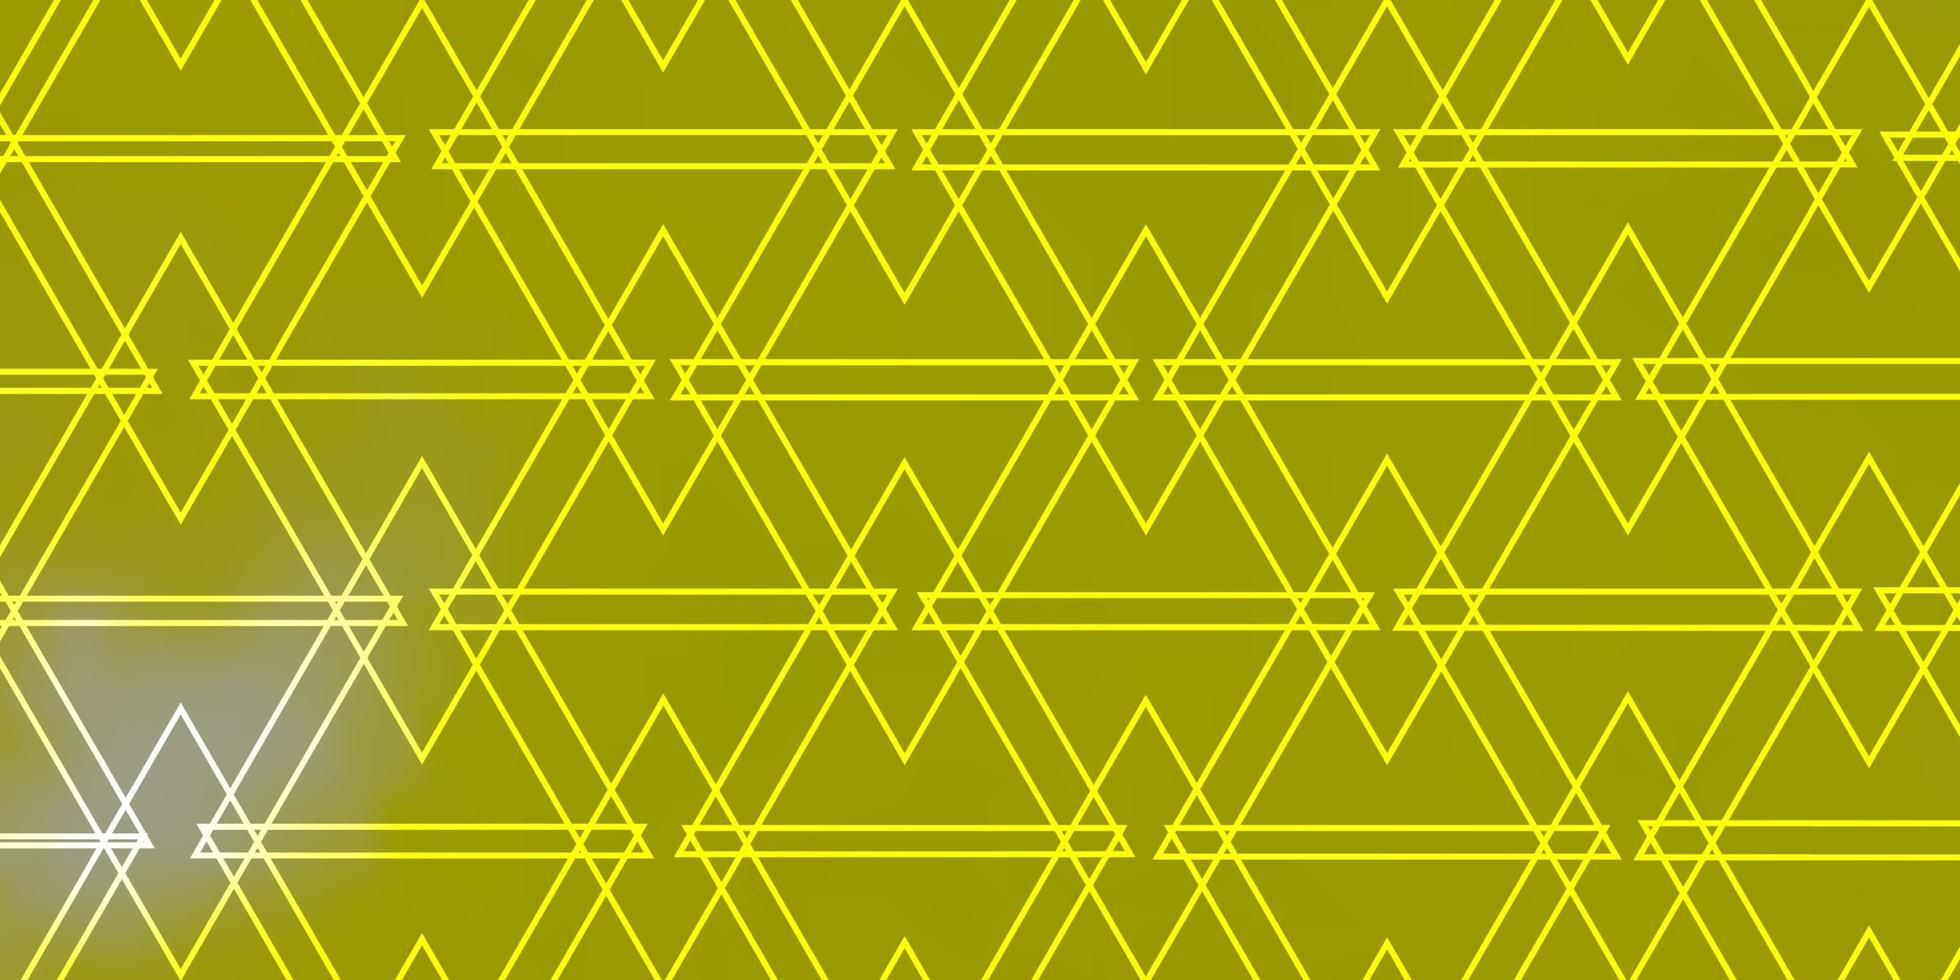 hellgelber Vektorhintergrund mit Dreiecken. vektor